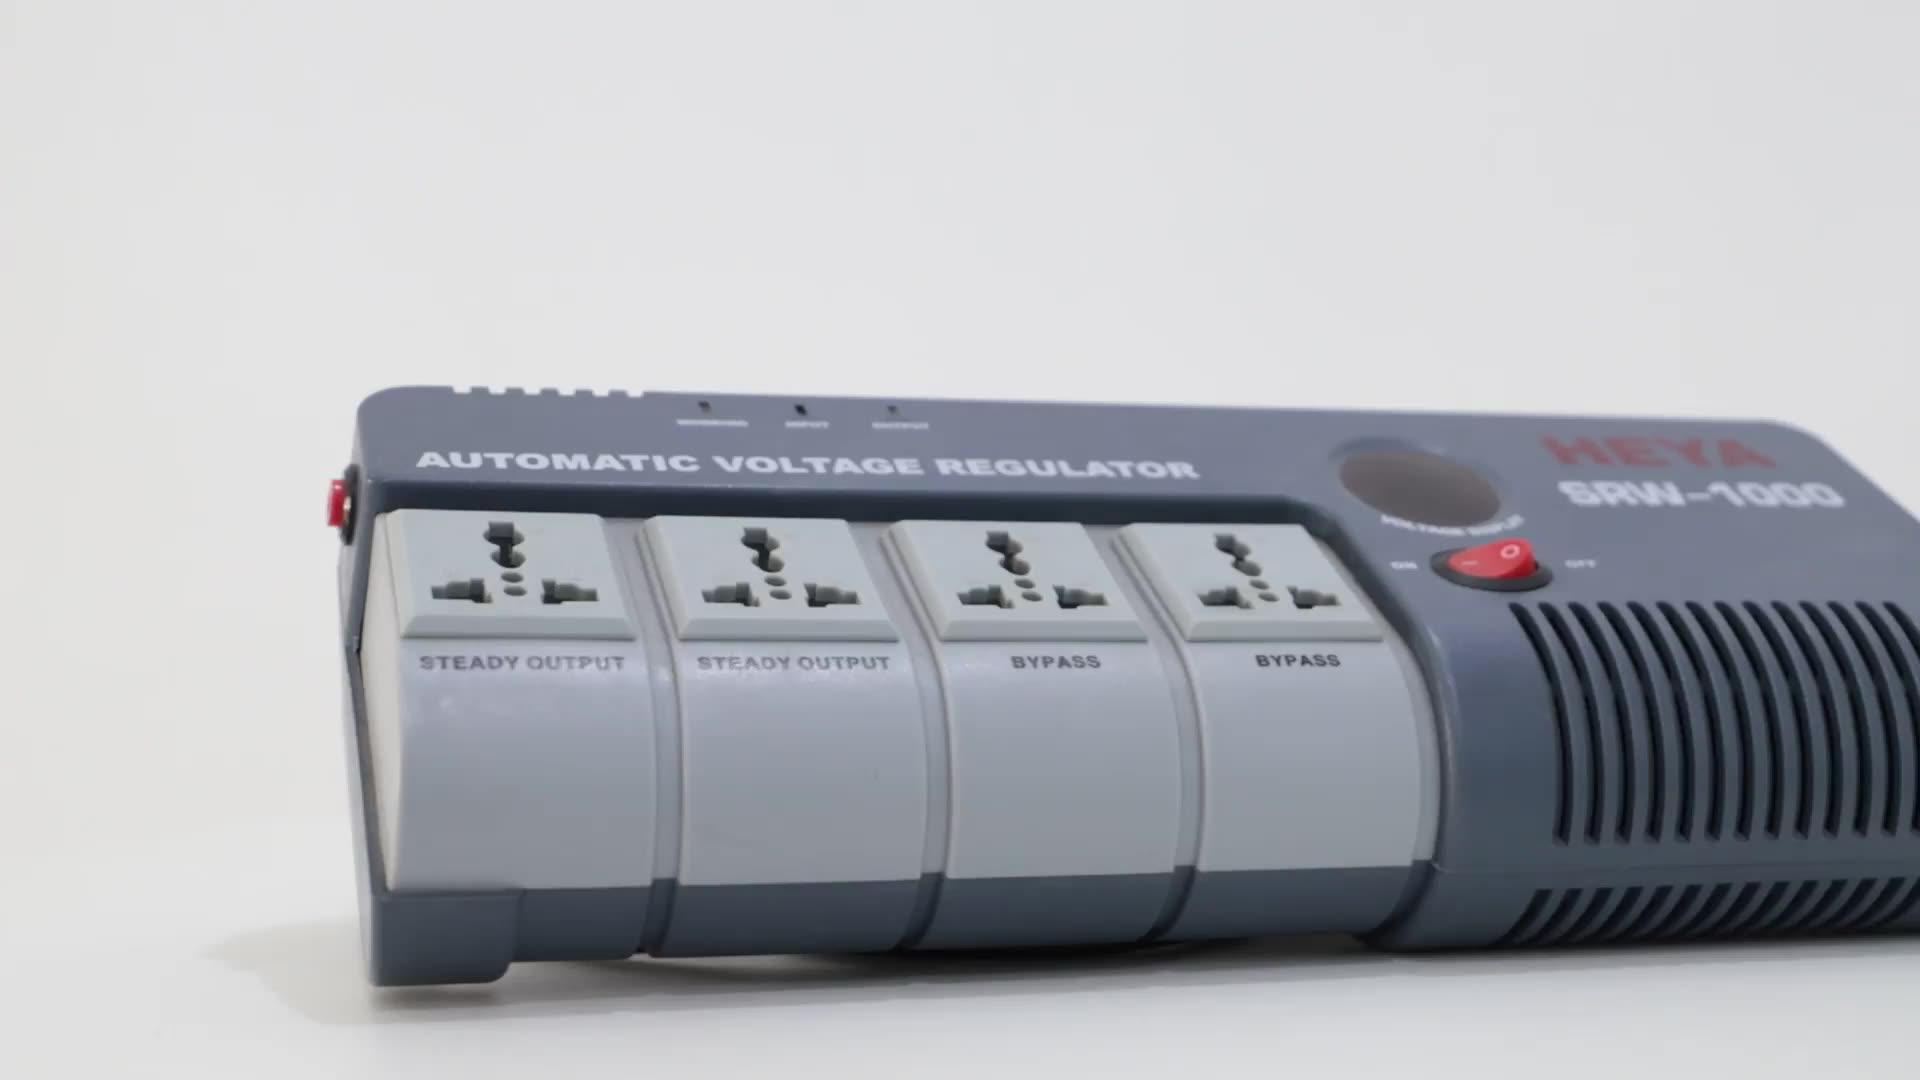 SRW Hot Jual Tinggi Keamanan Otomatis Ac Regulator Tegangan